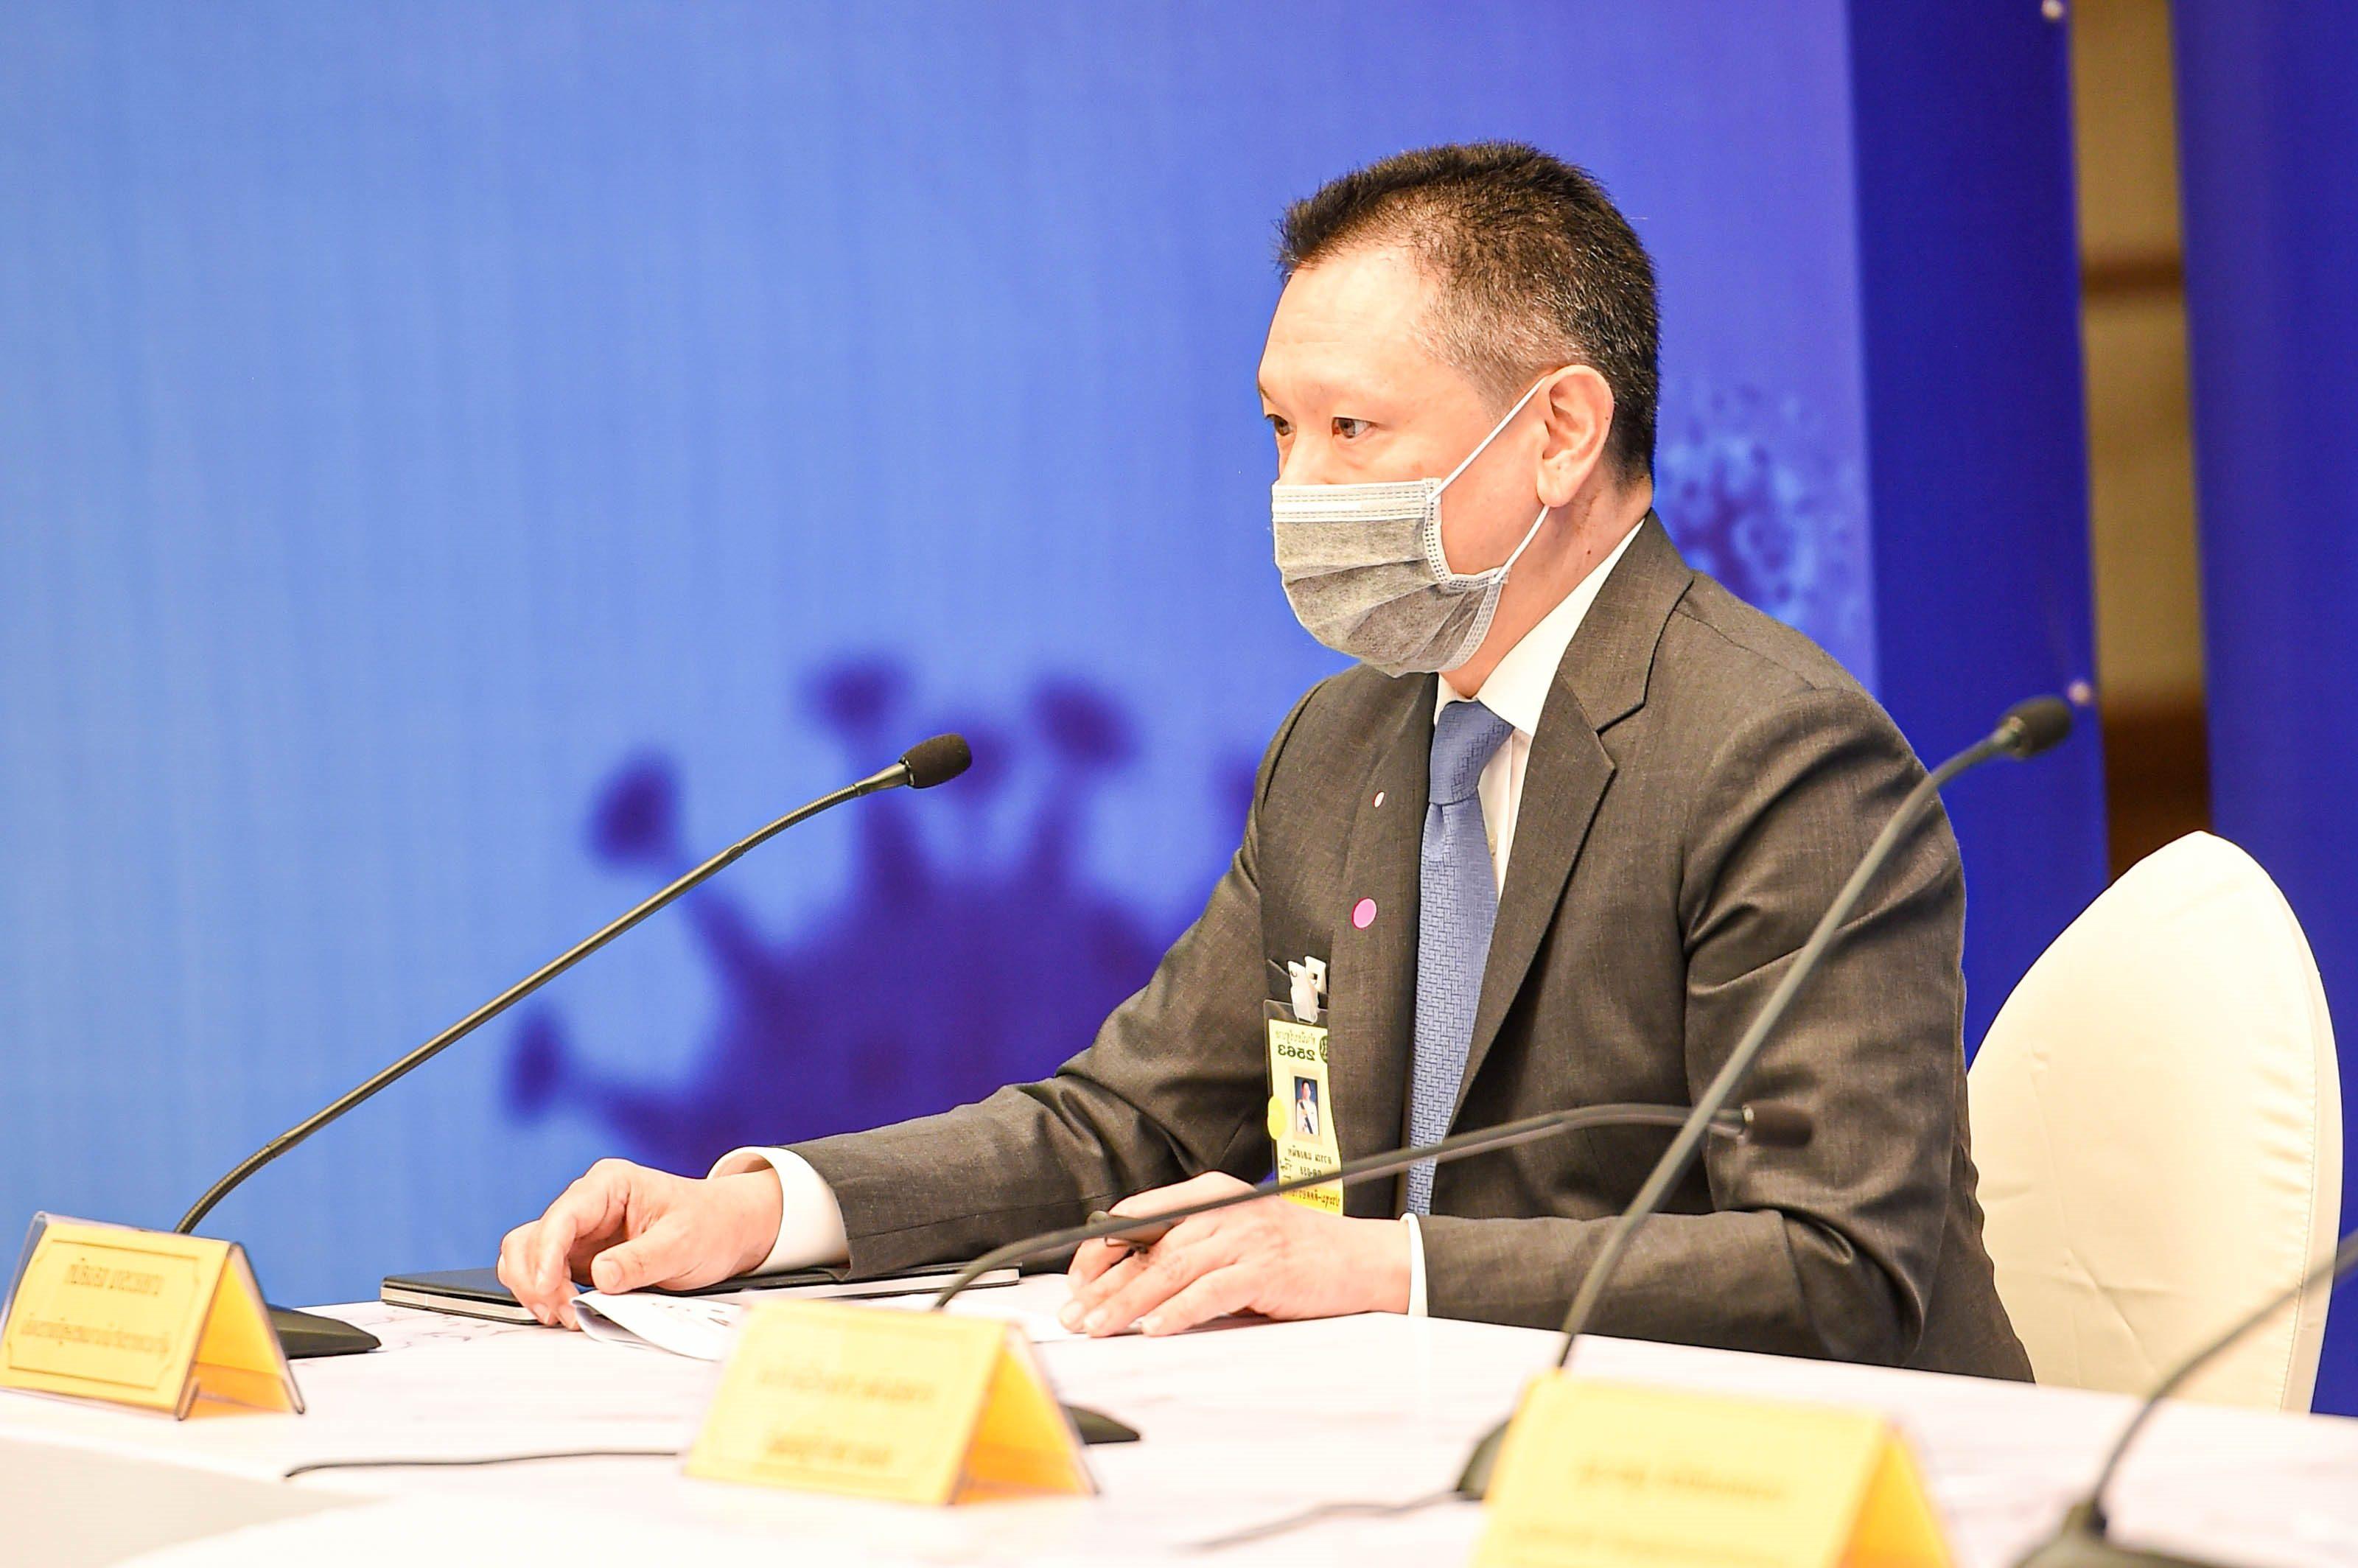 คลังปรับเวลาลงทะเบียนรับเงินเยียวยา 5 พัน เปิดโอกาสให้ยกเลิกได้ เริ่ม 4 เม.ย.